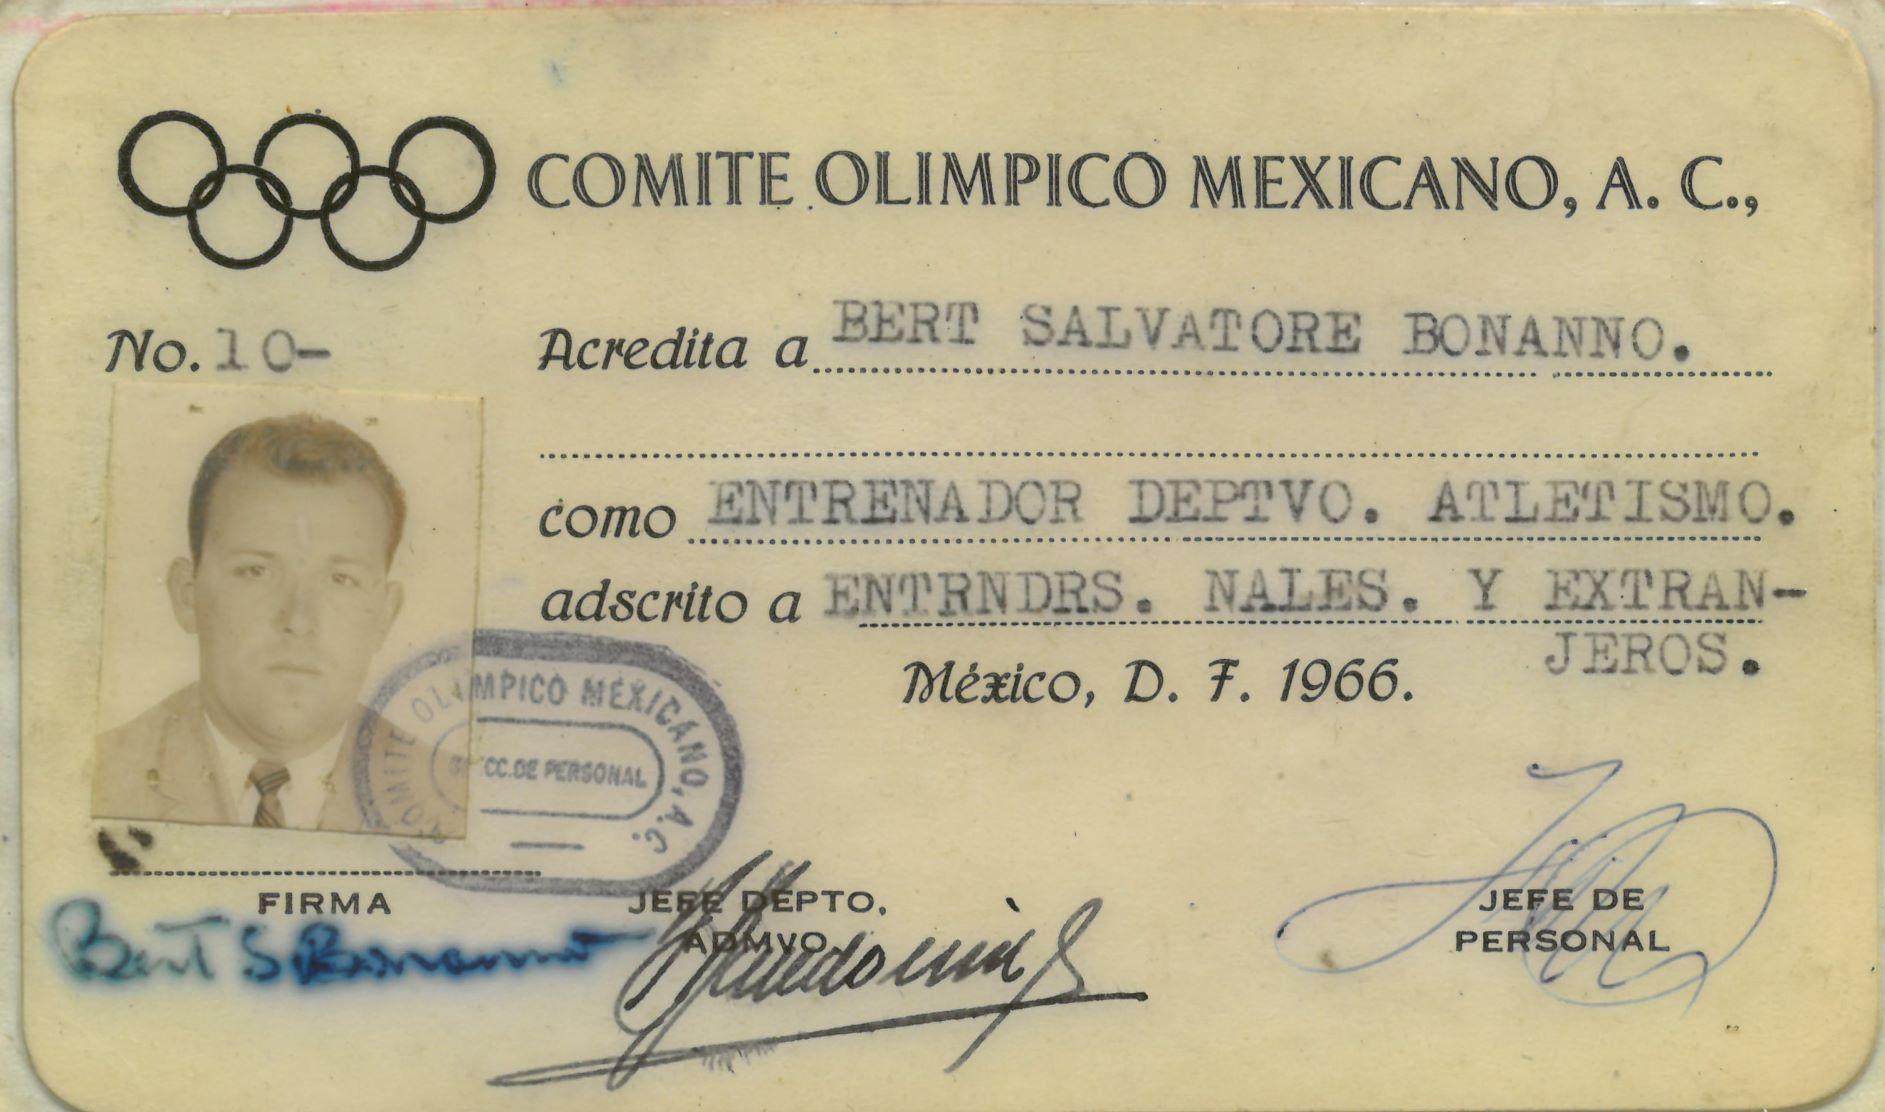 Bonanno's ID card in Mexico